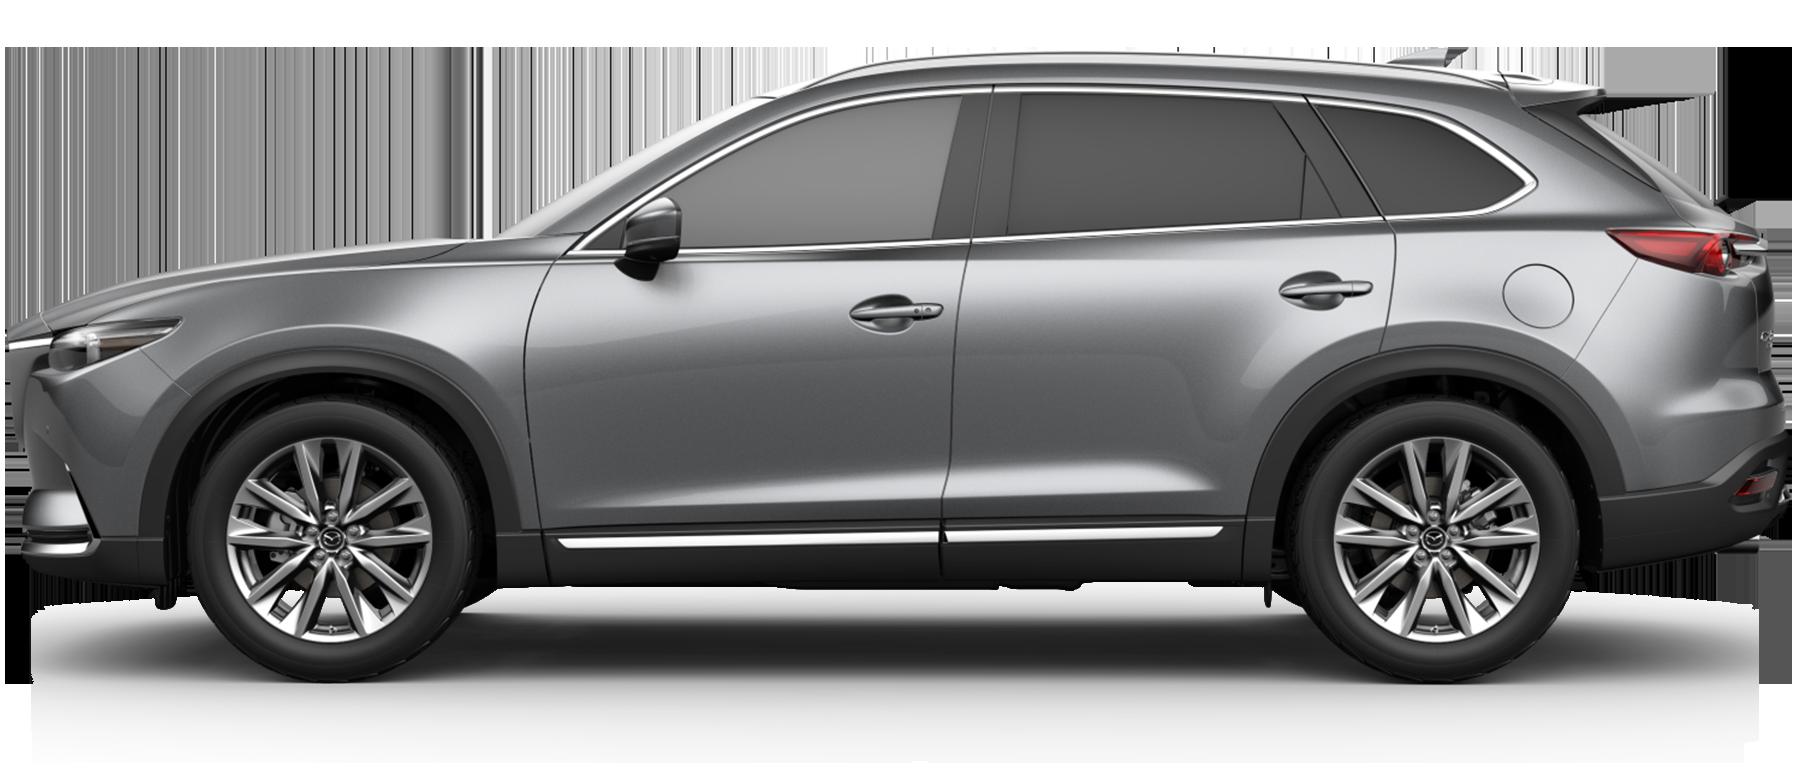 2019 Mazda CX 9 Image